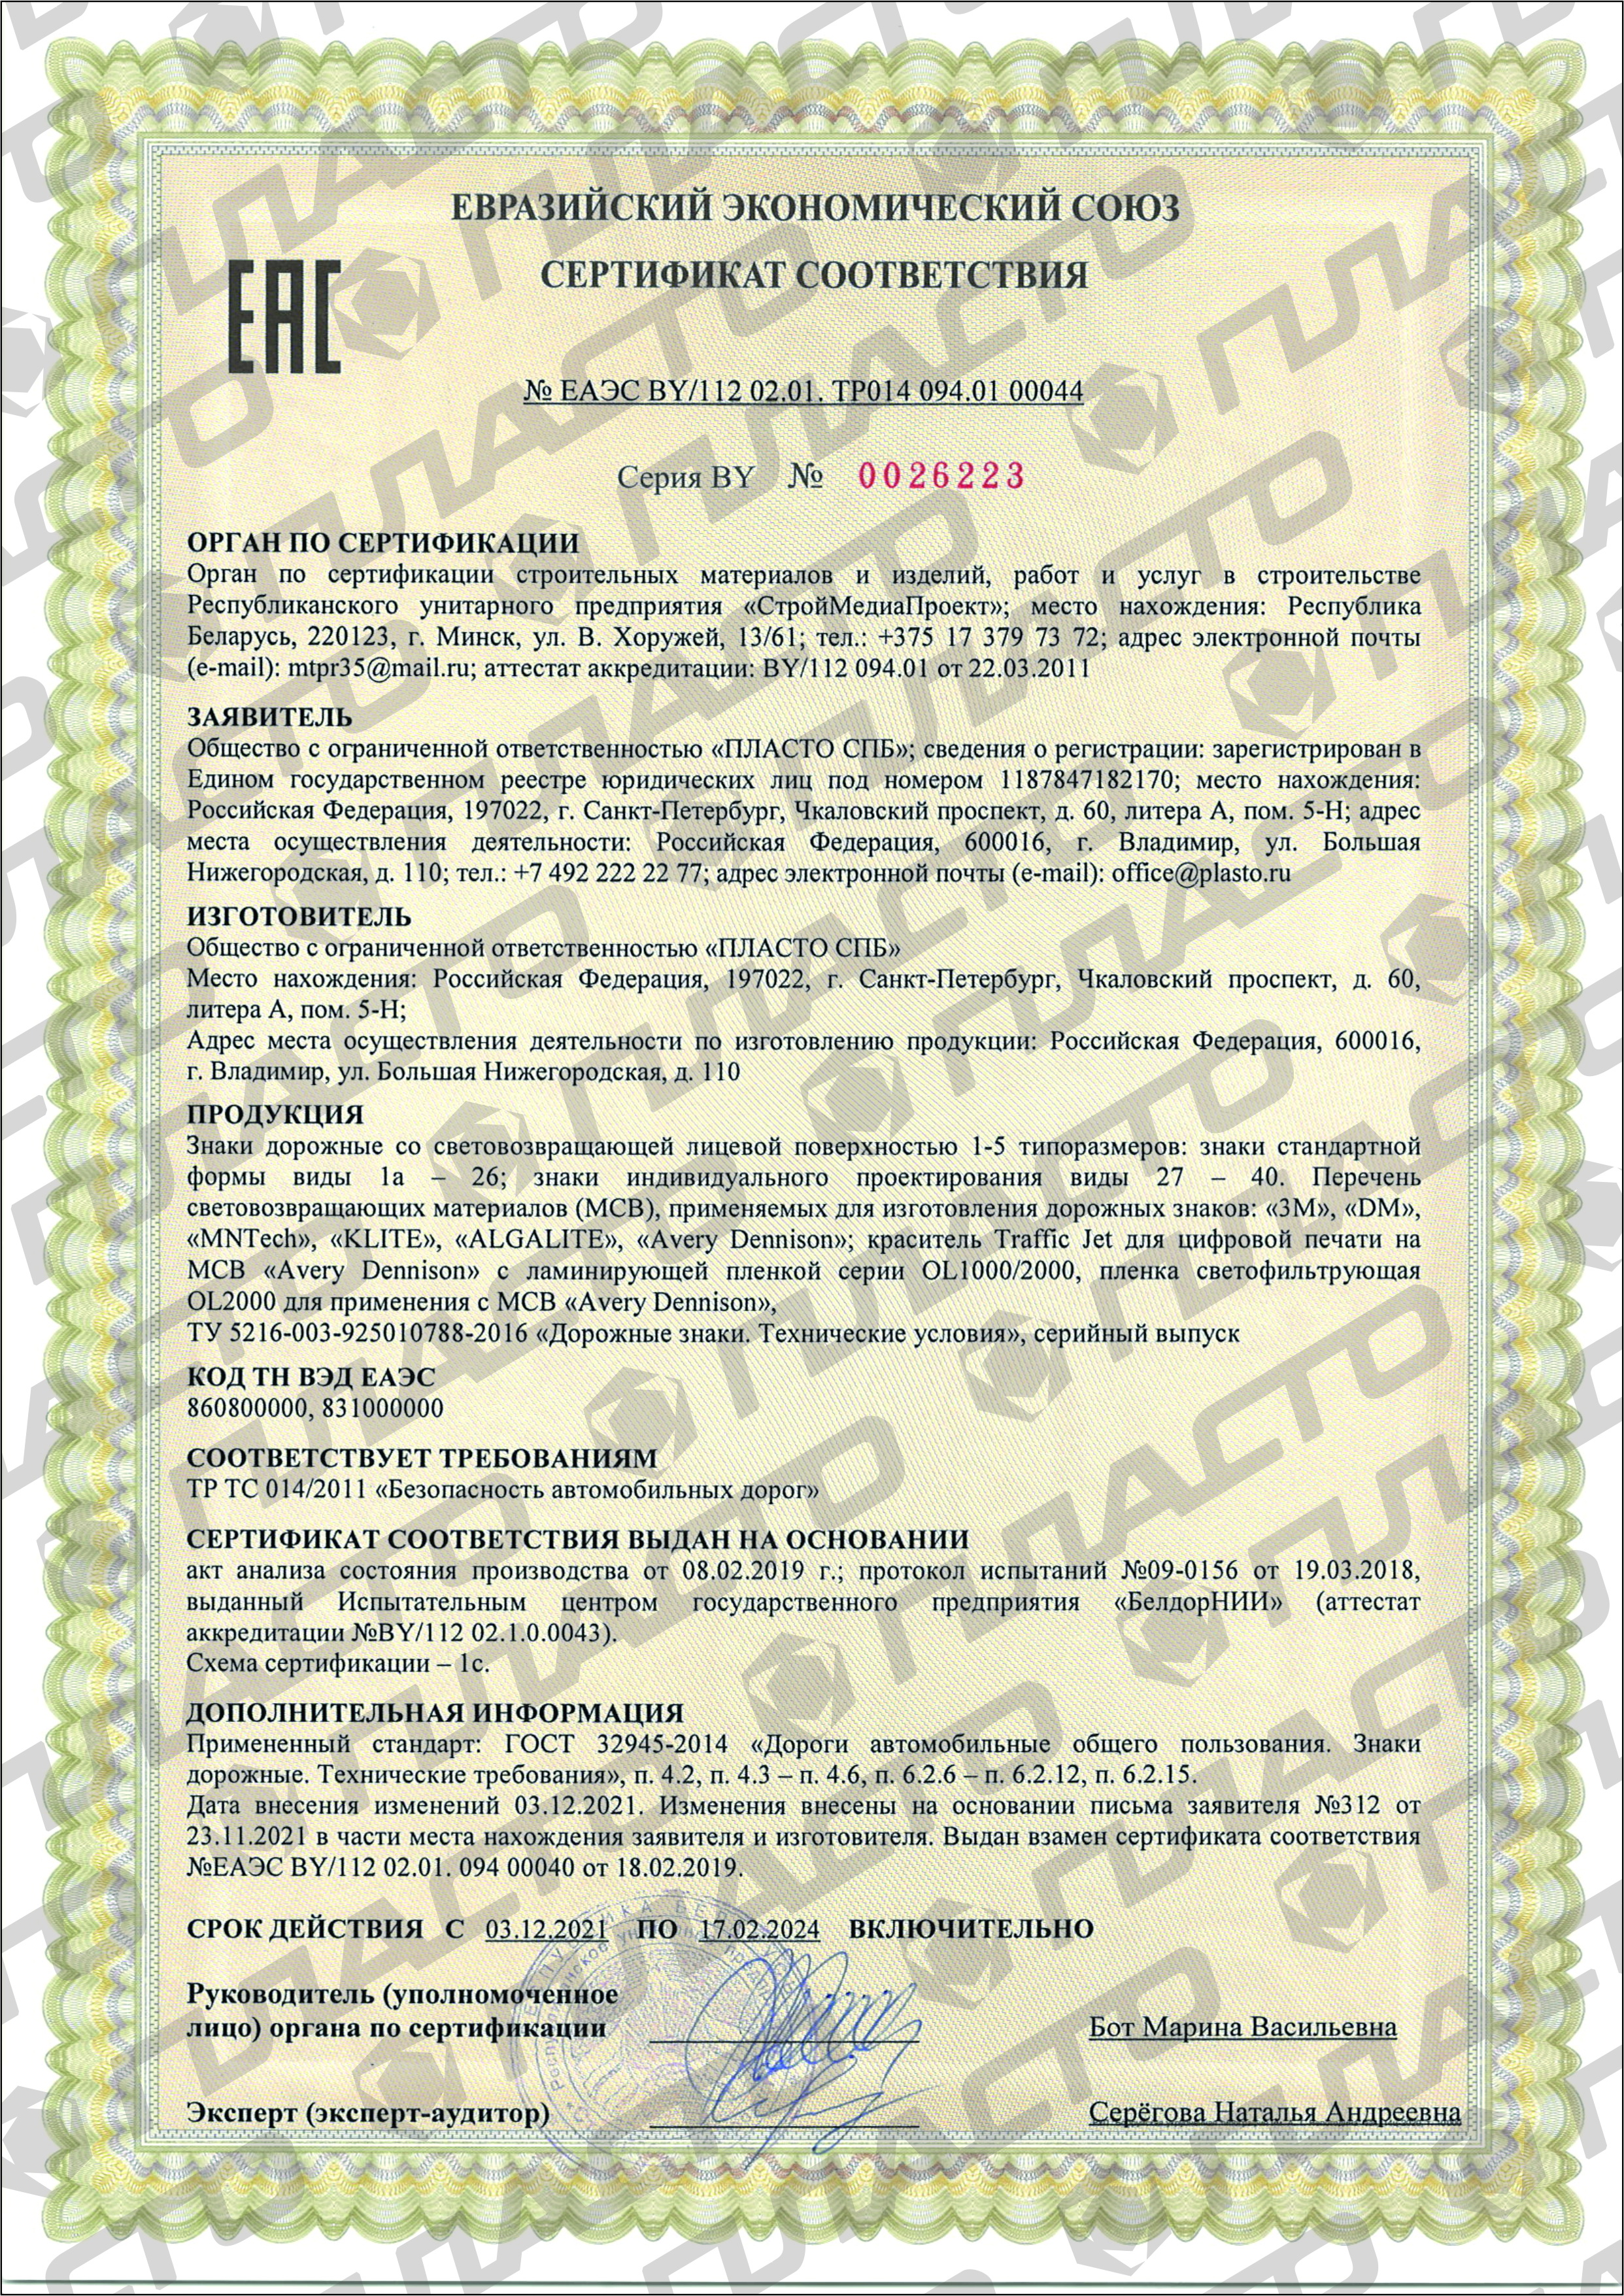 дорожные знаки производитель, дорожные знаки купить, ГОСТ 52290-2004